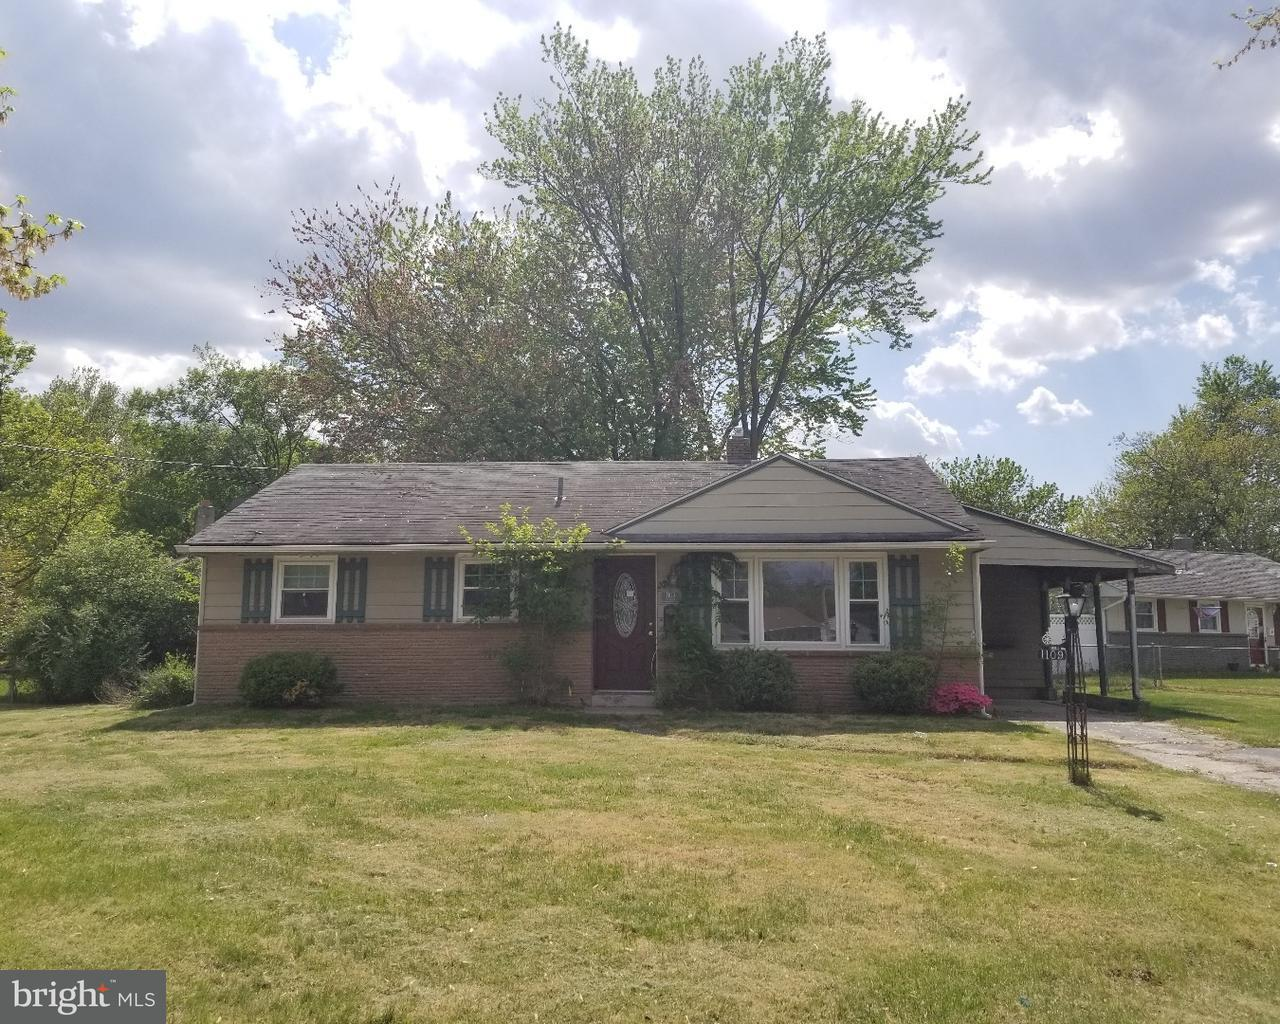 独户住宅 为 销售 在 1109 VIVIAN TER Woodbury, 新泽西州 08096 美国